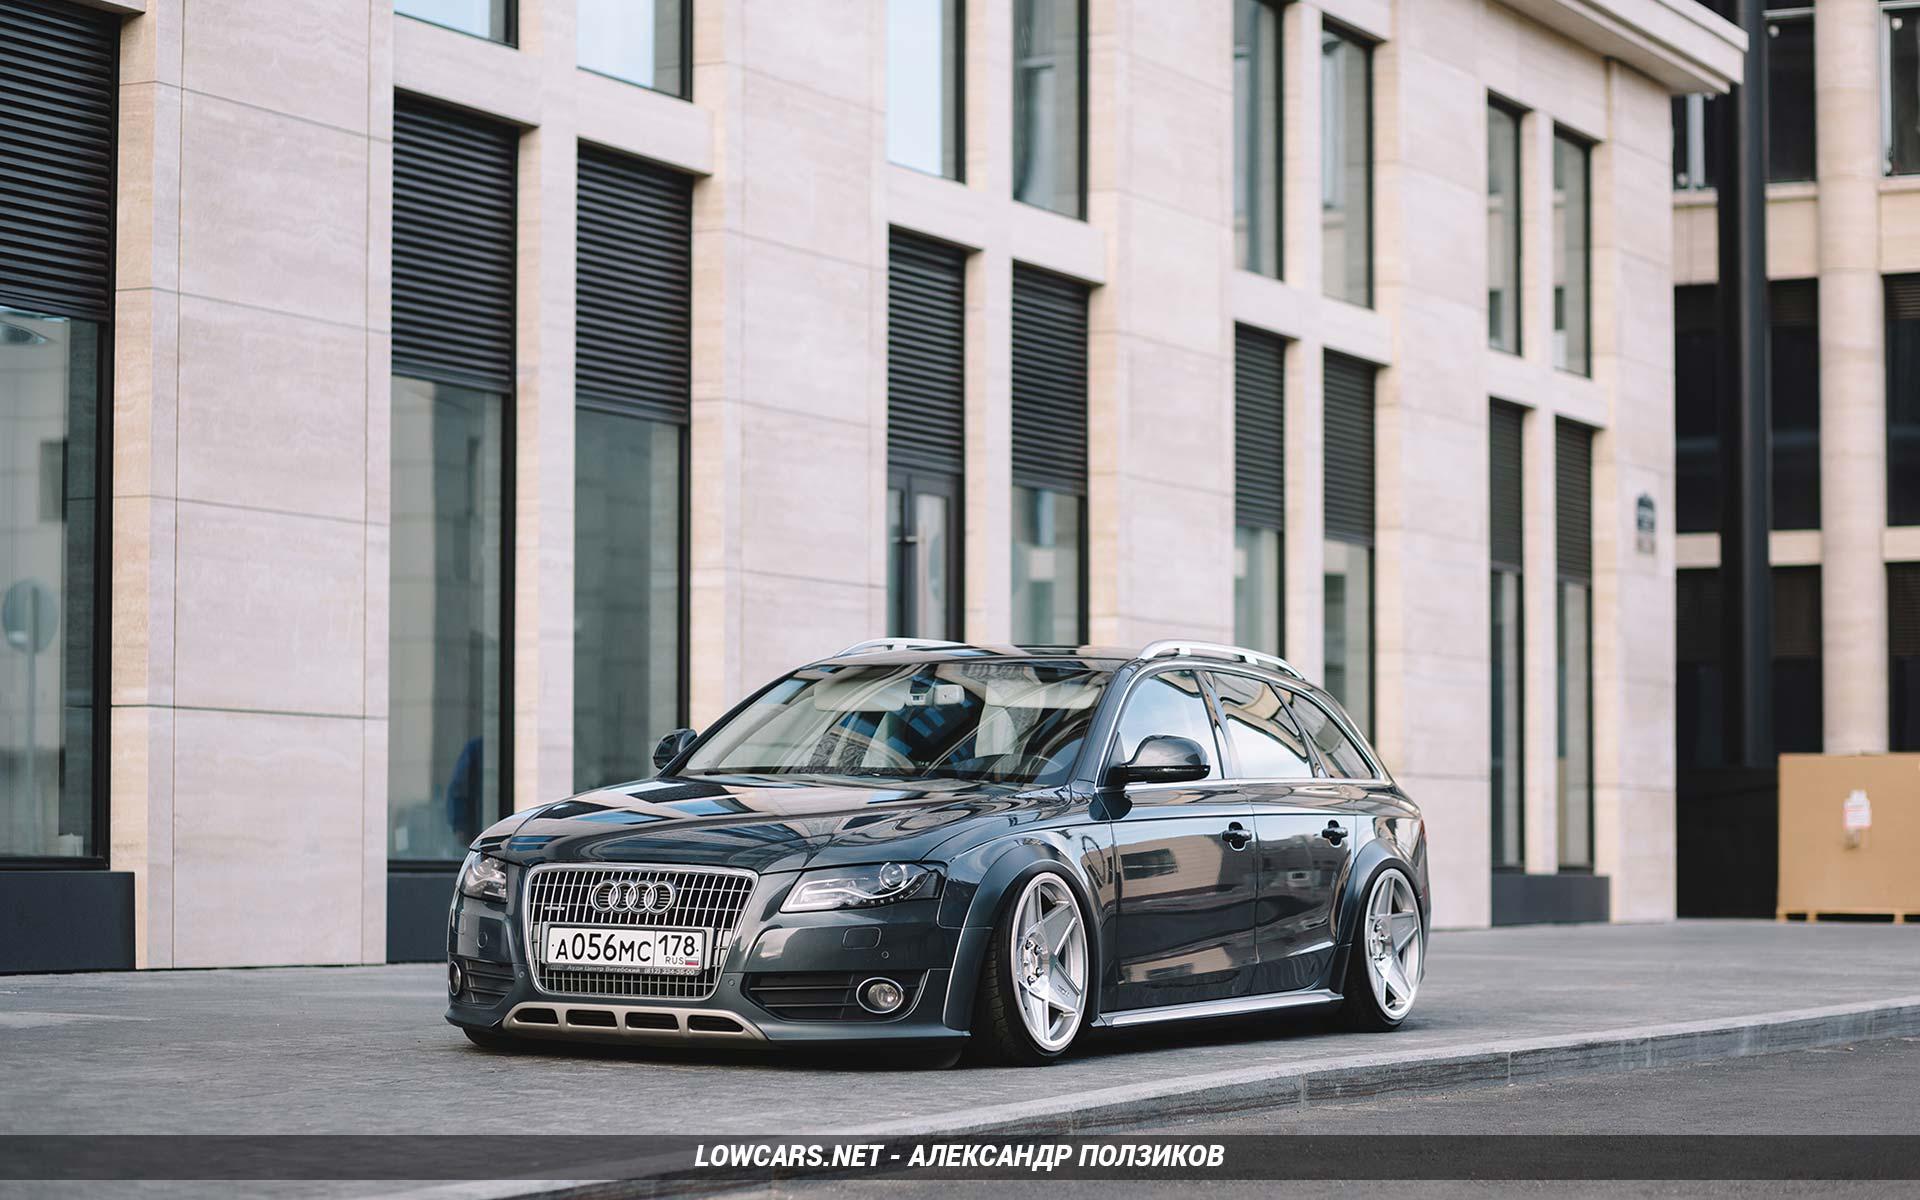 Audi a4 Lowroad